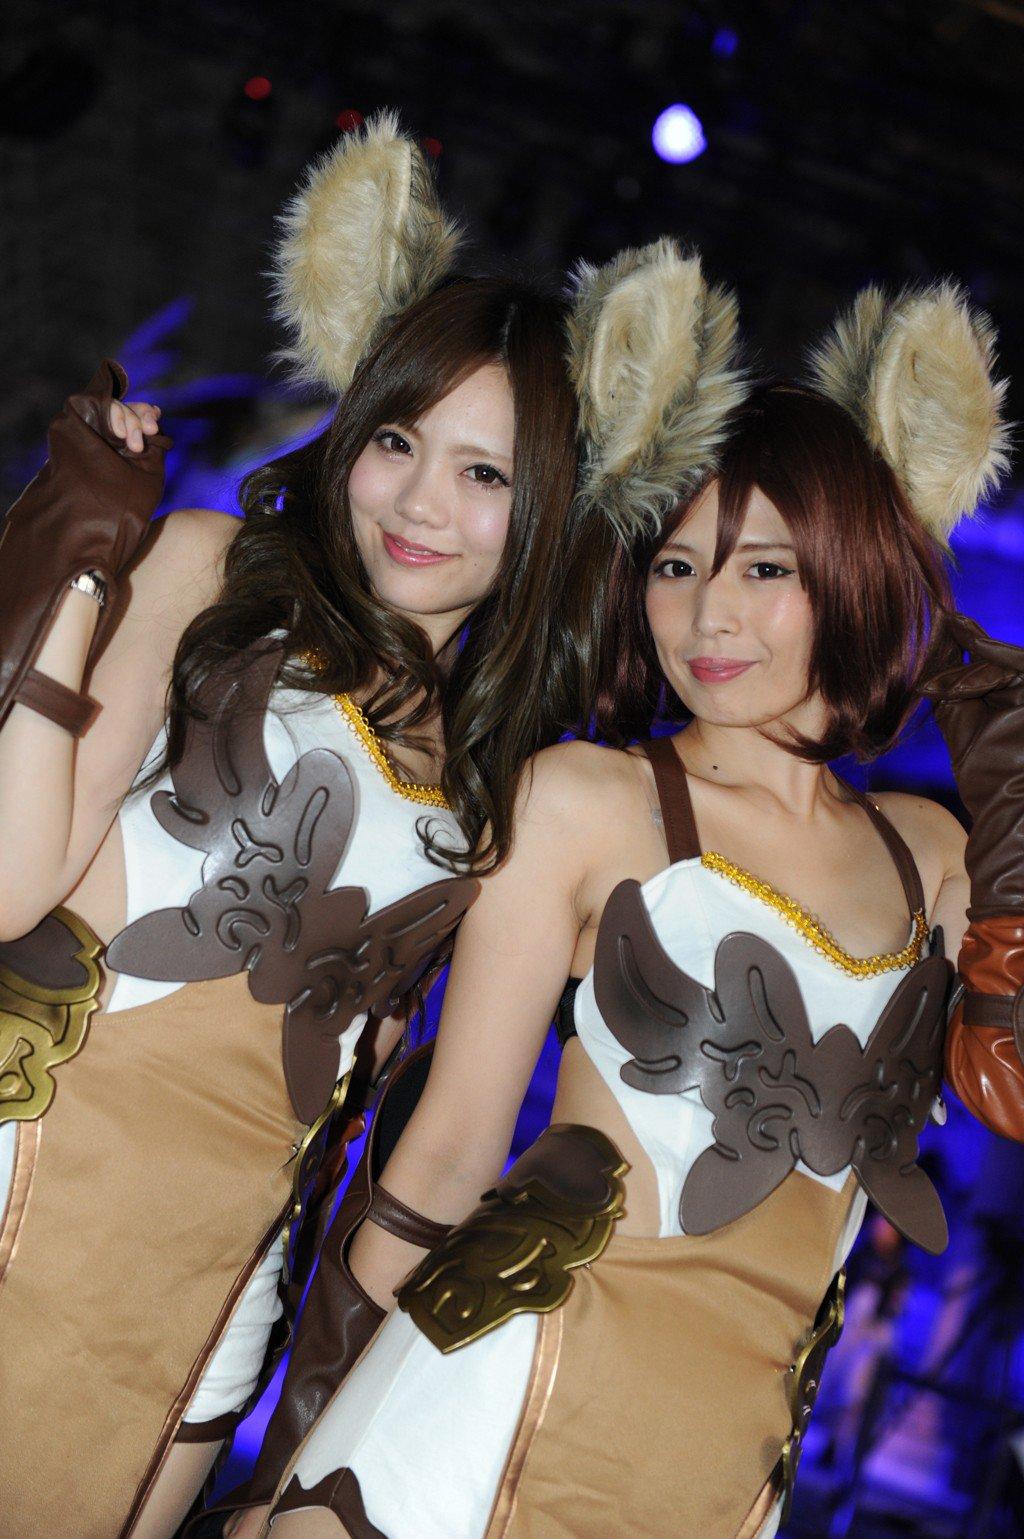 【エロ画像】TGS ,えろ画像☆東京GAMEショーはエッチ☆なコンパニオンがコスプレしててレイヤーよりレベル高くてぐうシコwwwwwwwwwwwwwww